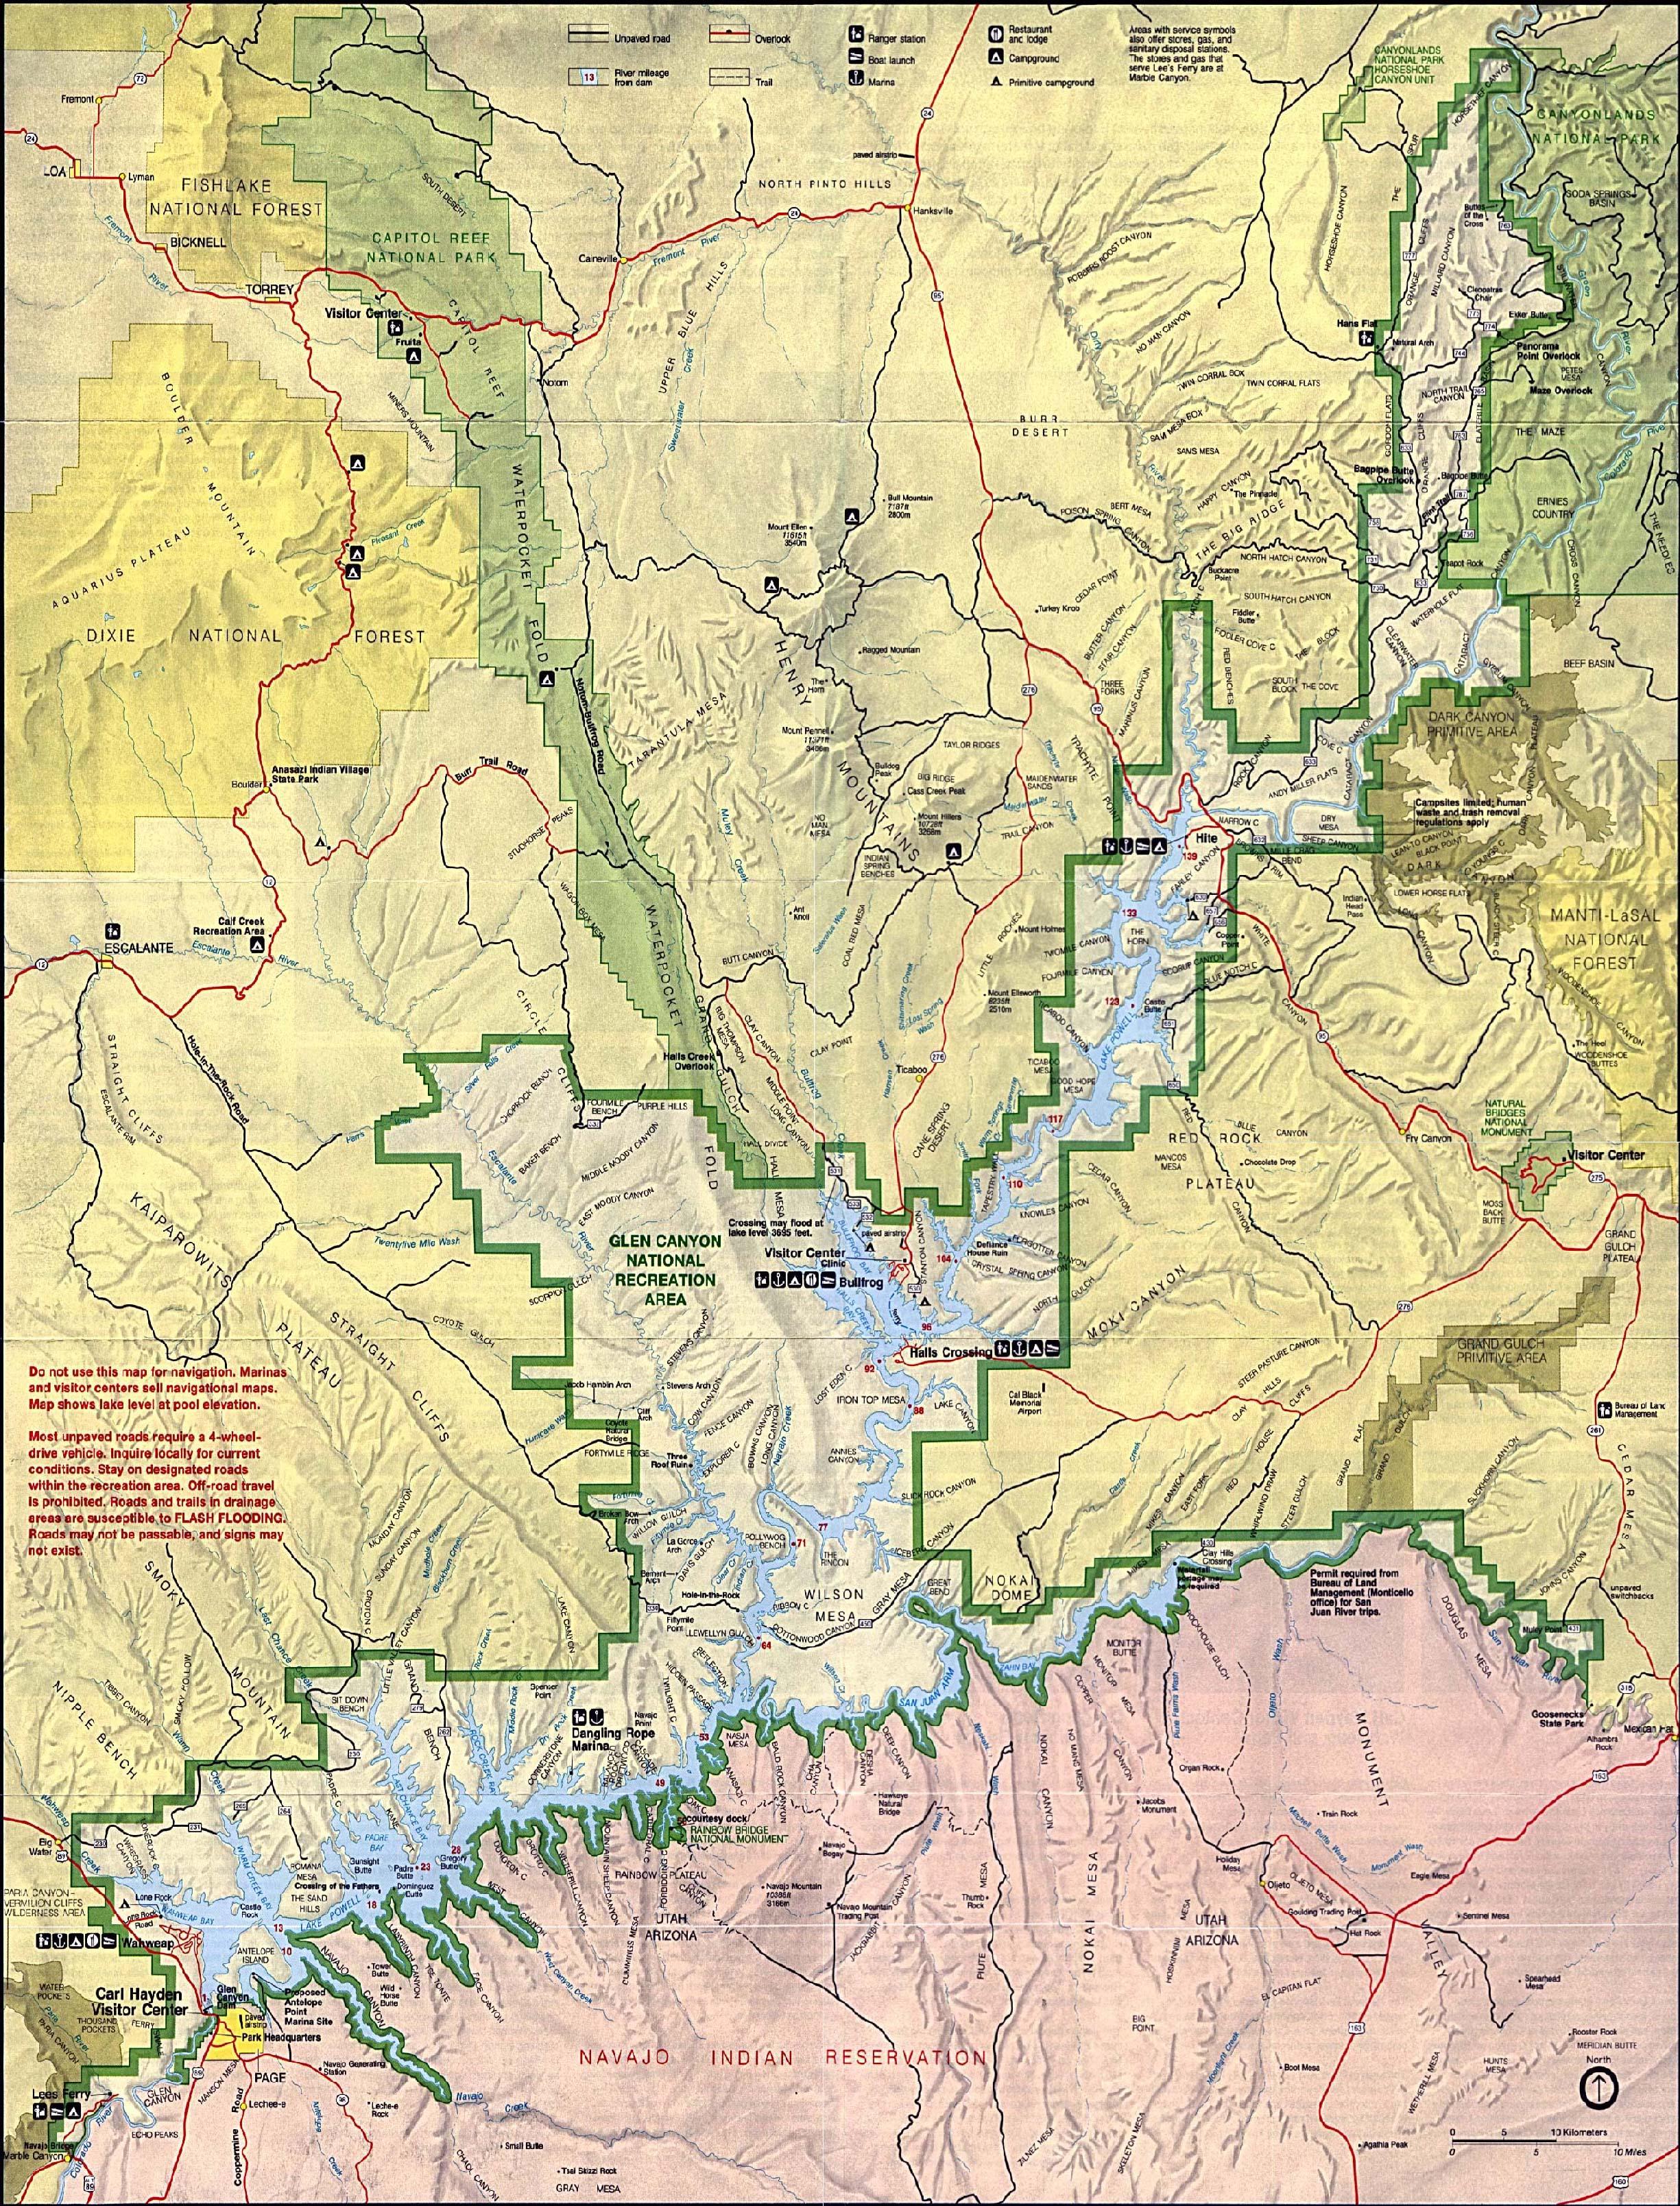 Mapa de Relieve Sombreado del Área Nacional de Recreación Glen Canyon, Arizona y Utah, Estados Unidos